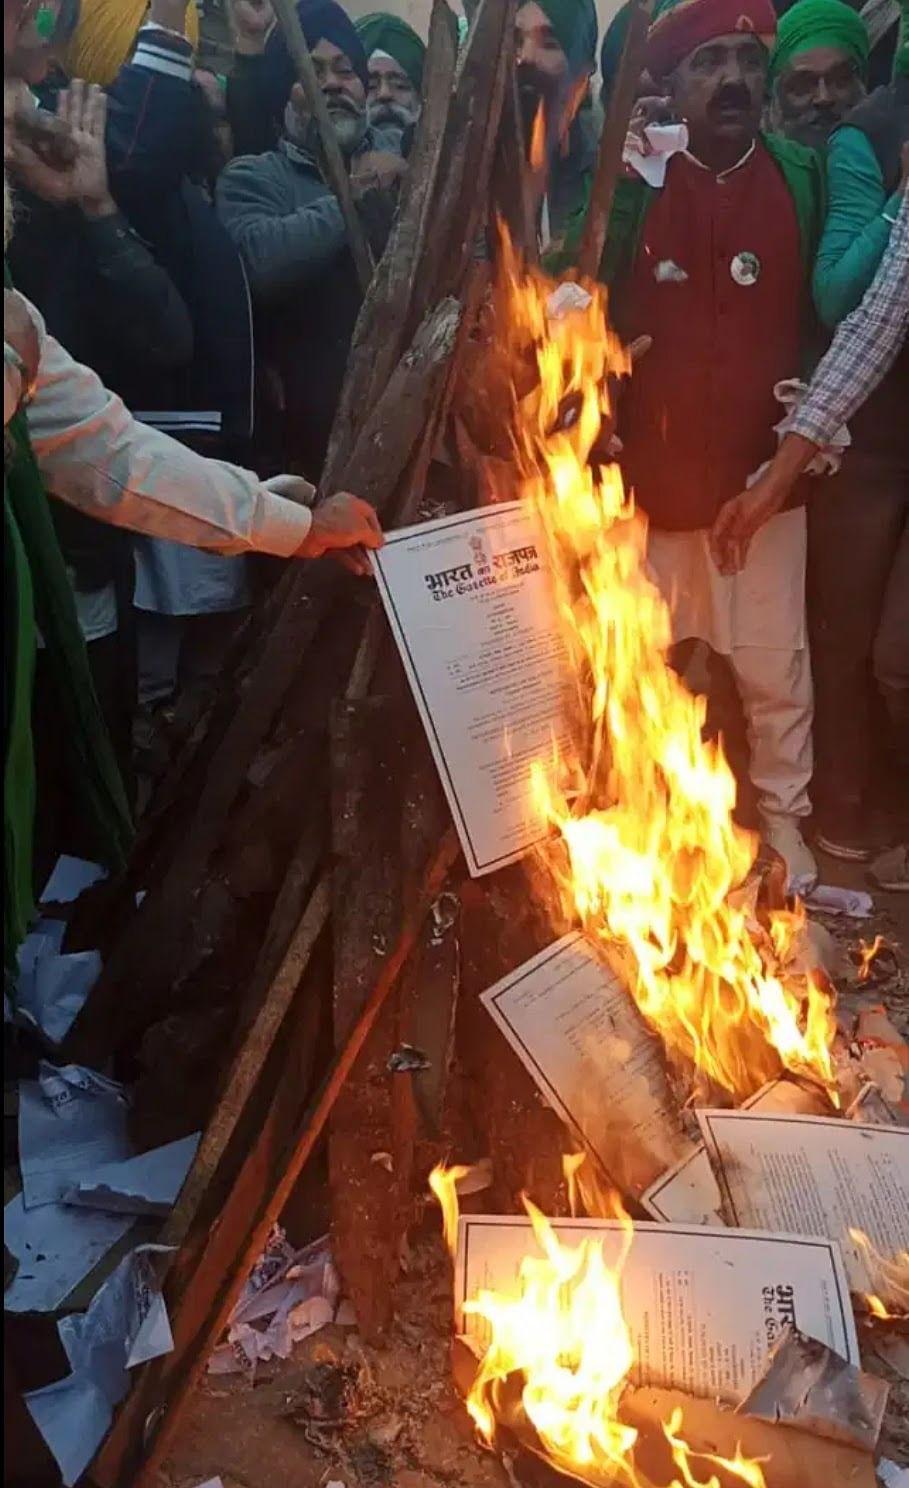 रायपुर : पांच जून को भाजपा नेताओं के कार्यालयों व घरों के सामने जलाई जाएगी किसान विरोधी कानूनों की प्रतियां